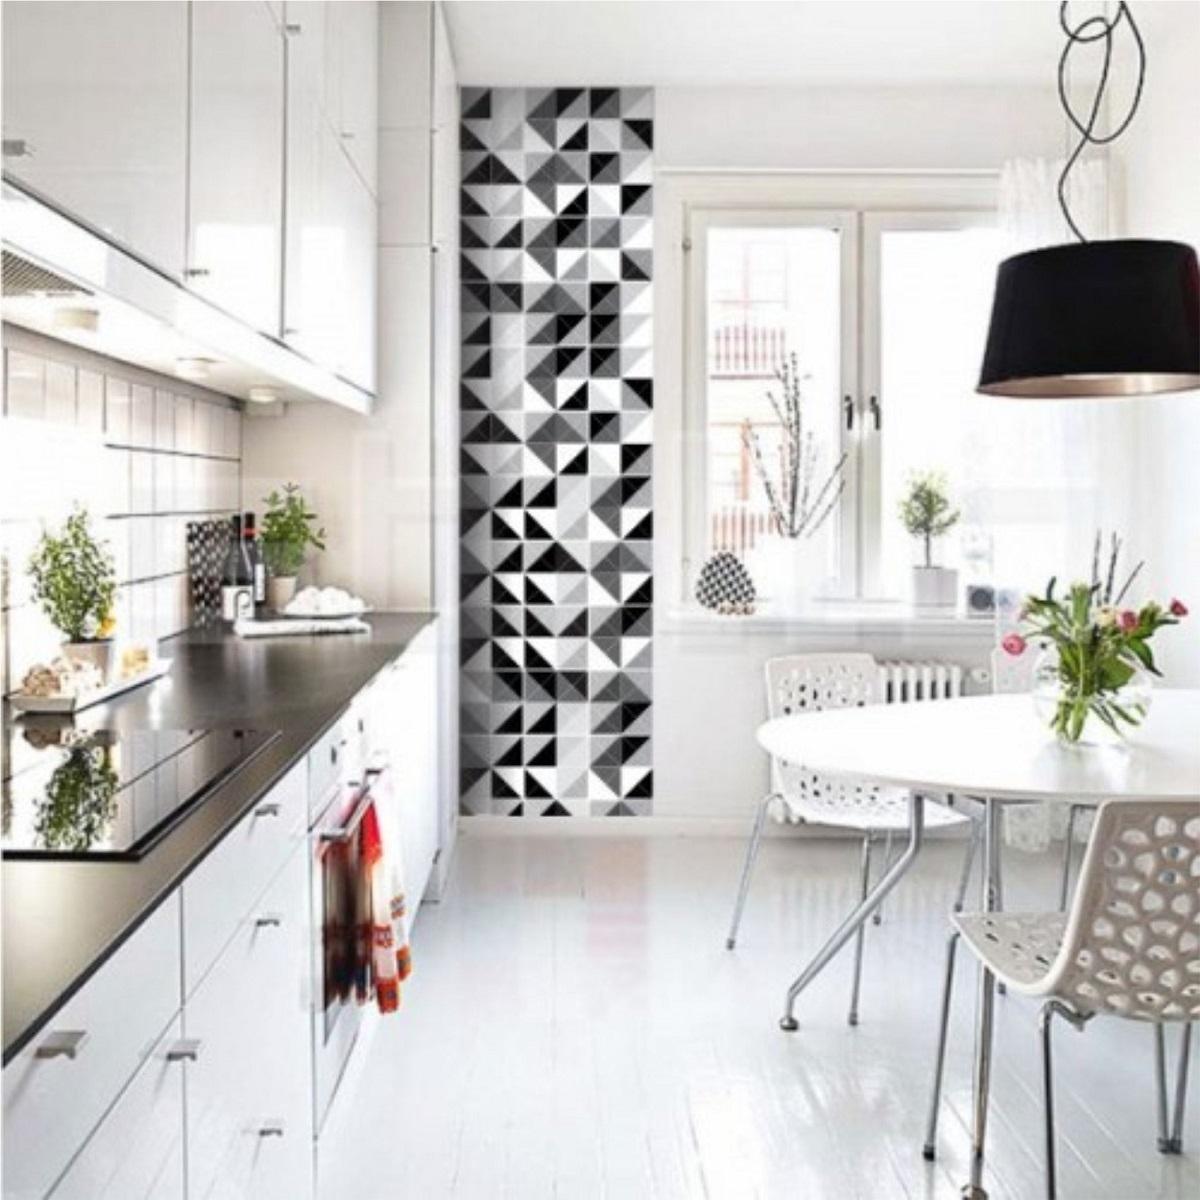 Adesivos para azulejos  442  ADESIVOS COMPRAR E COLAR  Elo7 # Adesivo Em Azulejo De Cozinha